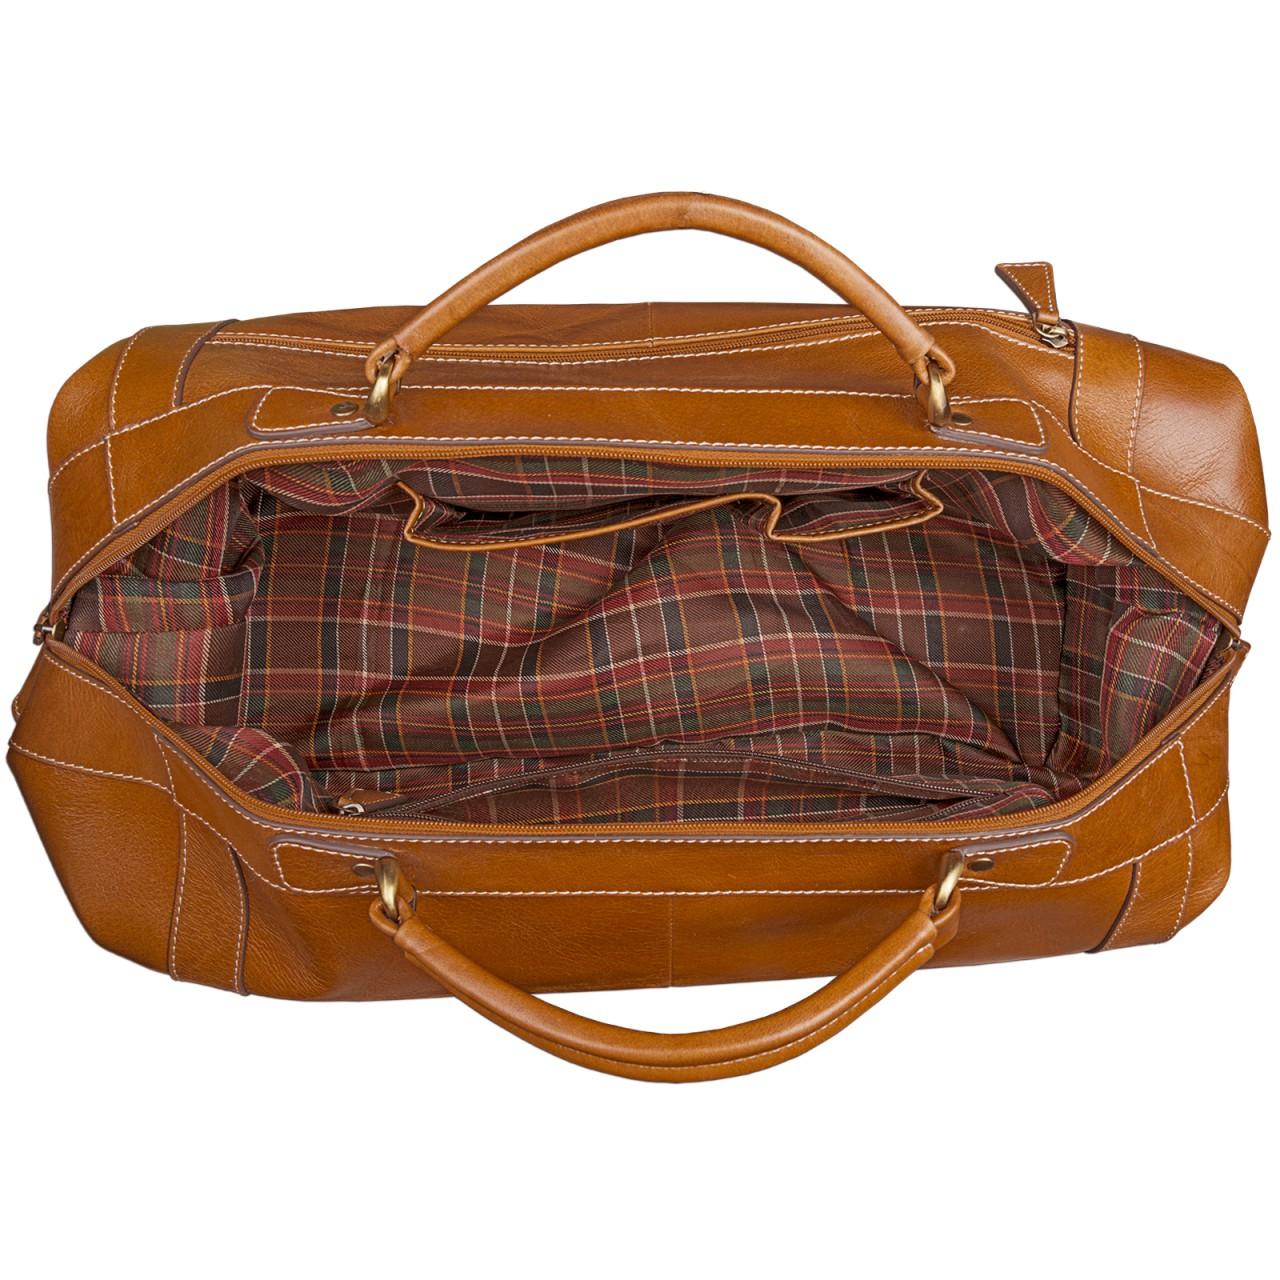 STILORD Vintage Reisetasche aus edlem Rindsleder Urlaub Handgepäck Weekend Bag Sporttasche, echtes Leder, cognac braun - Bild 6